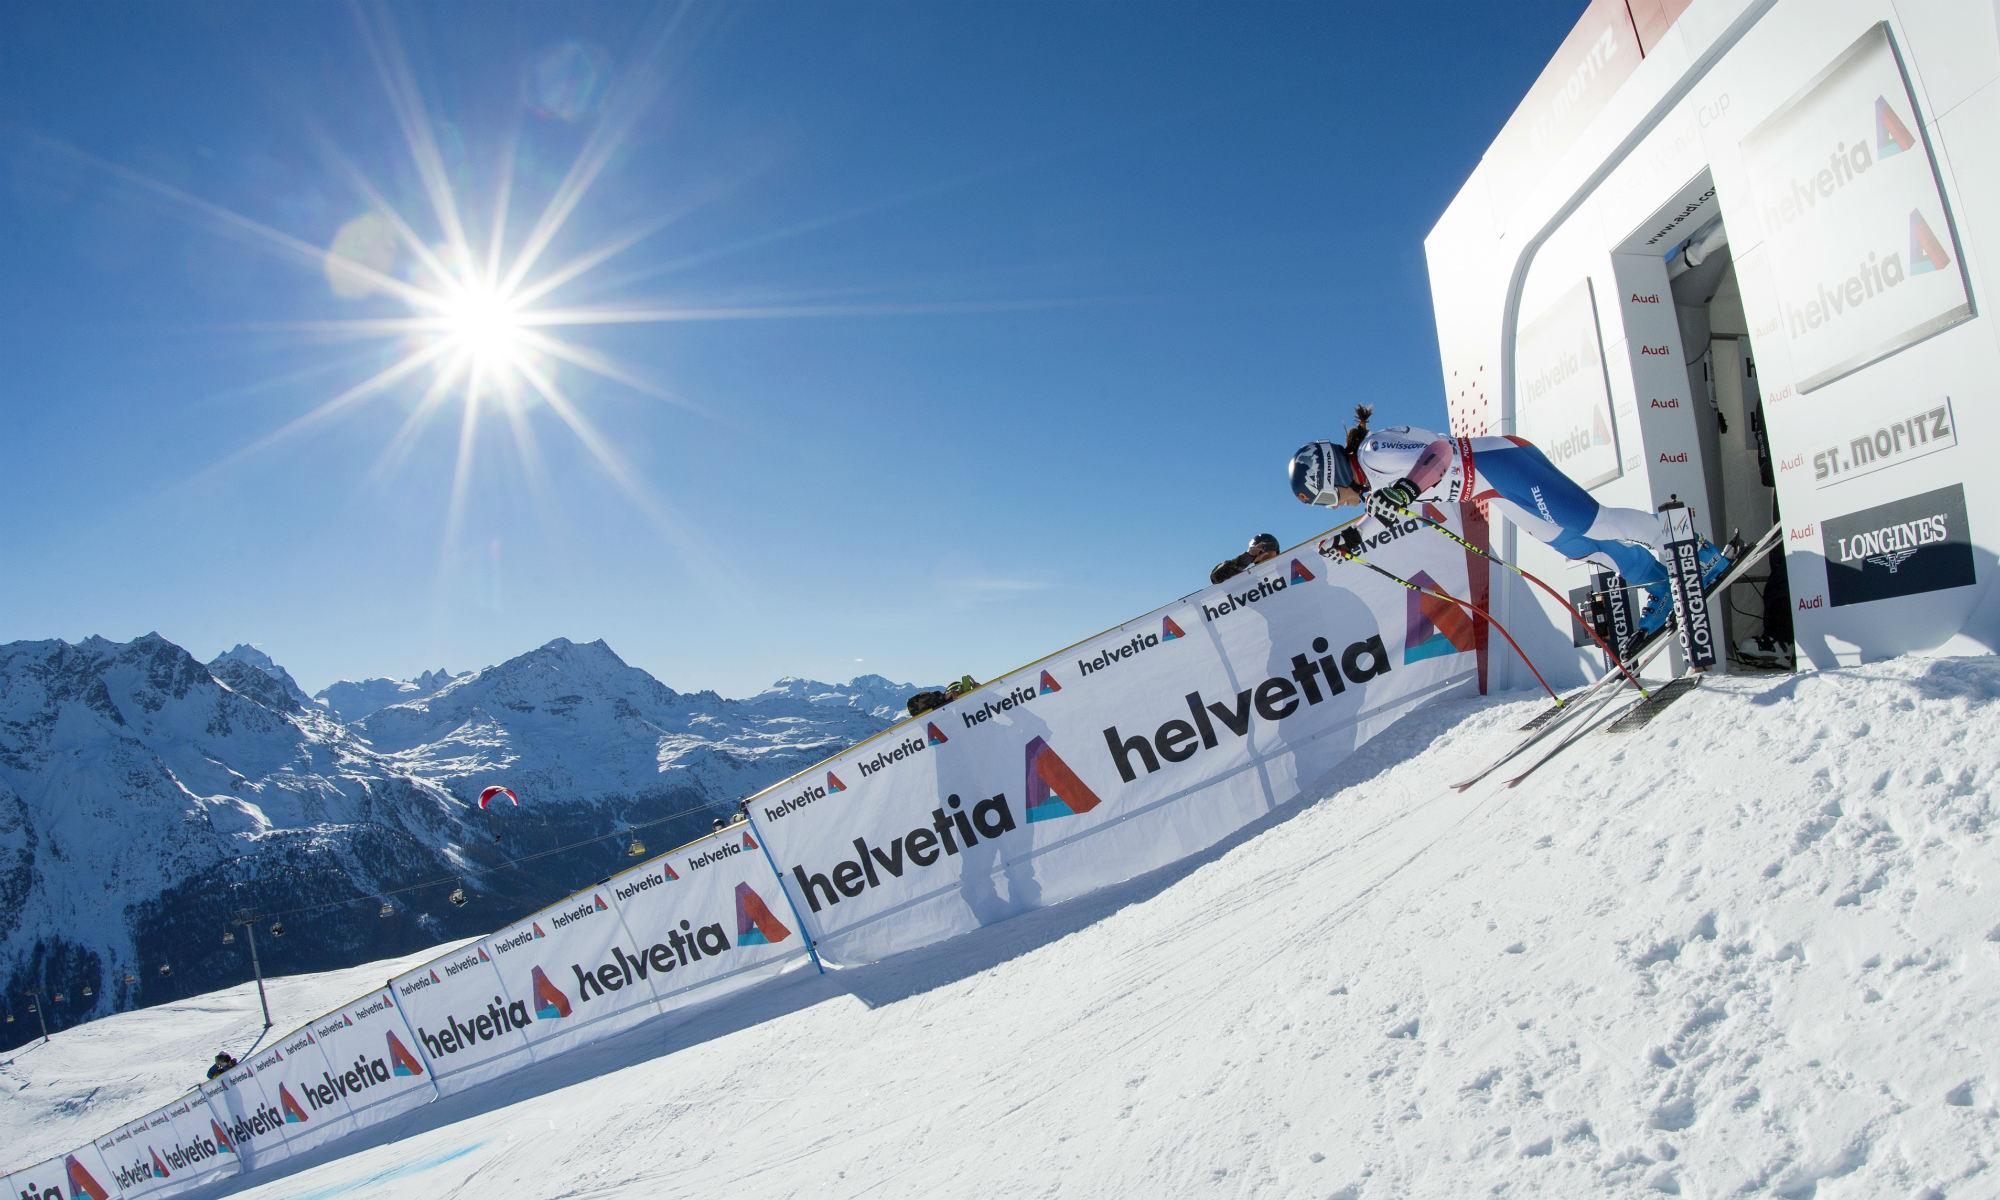 Eine Rennläuferin auf der Covigilia beim alljährlichen FIS Weltcuprennen in St. Moritz.